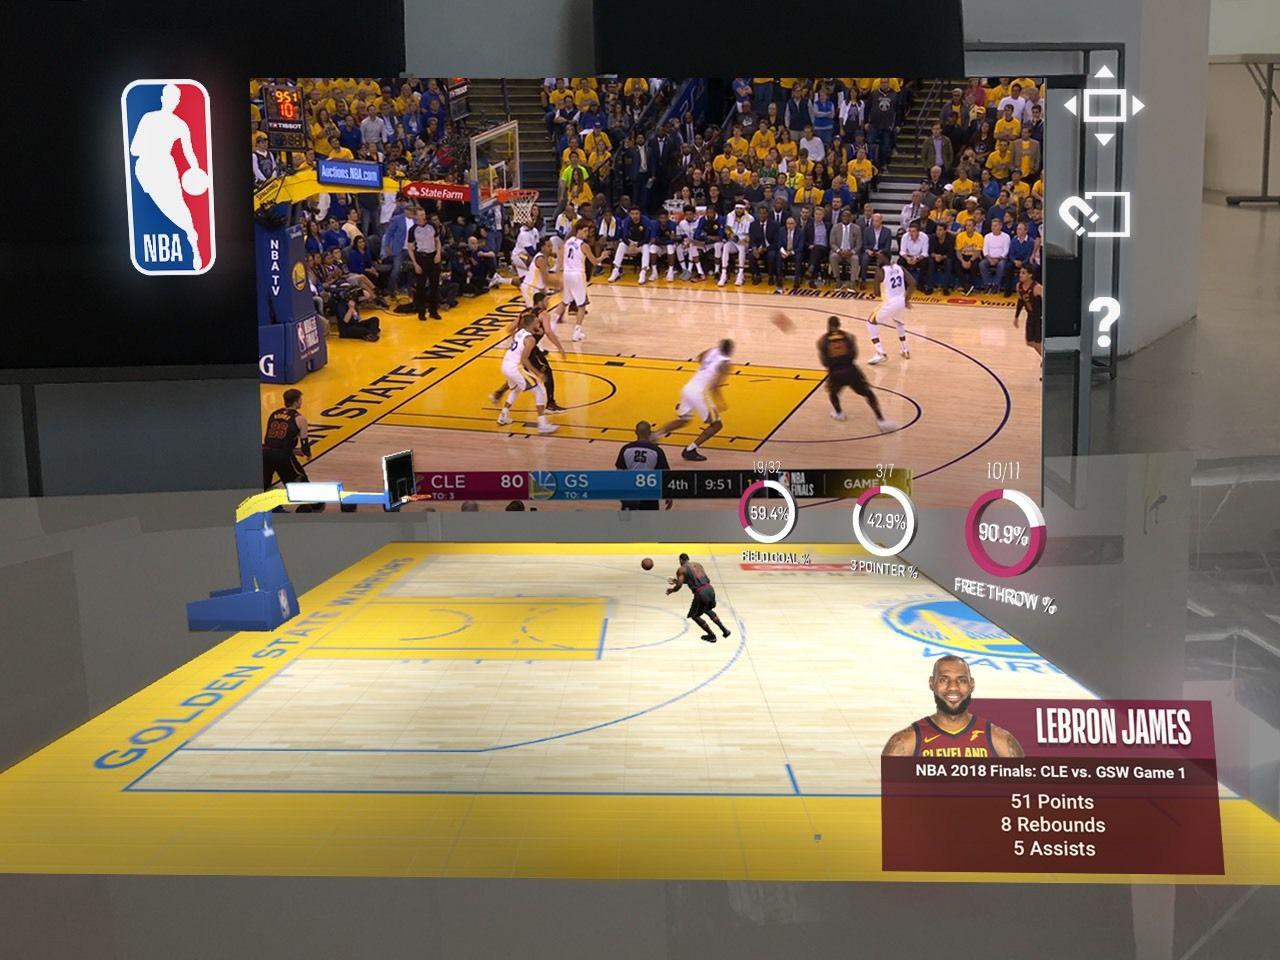 ML_NBA.jpg